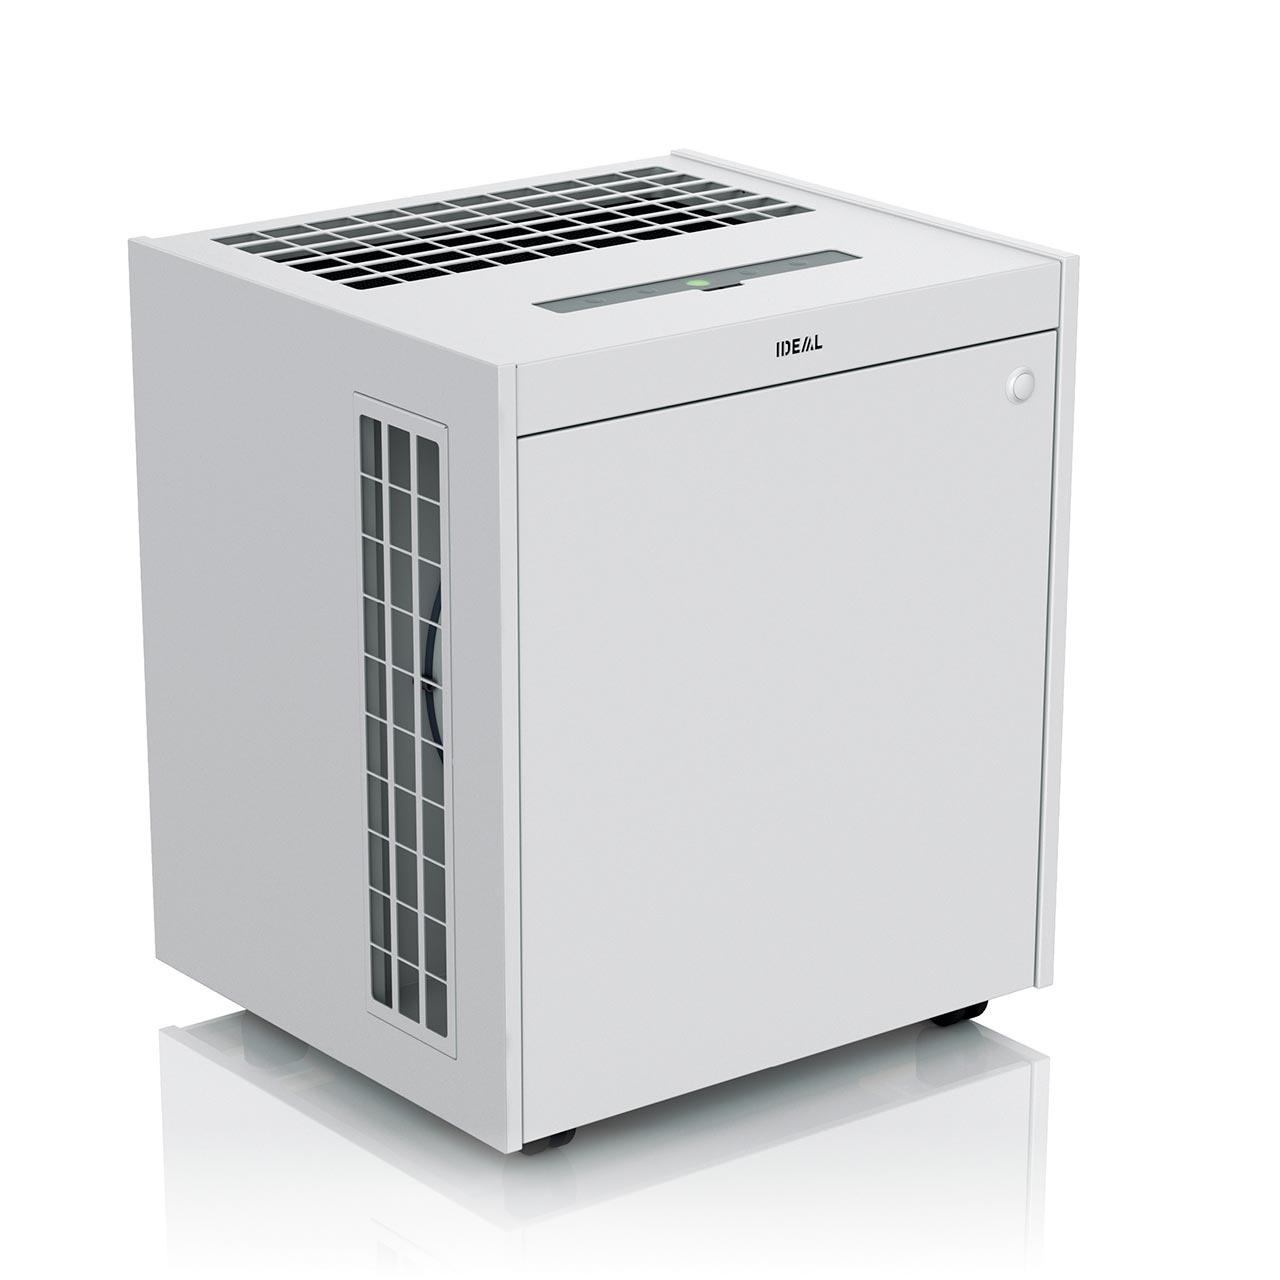 Luftreiniger IDEAL AP140 Pro links vorne